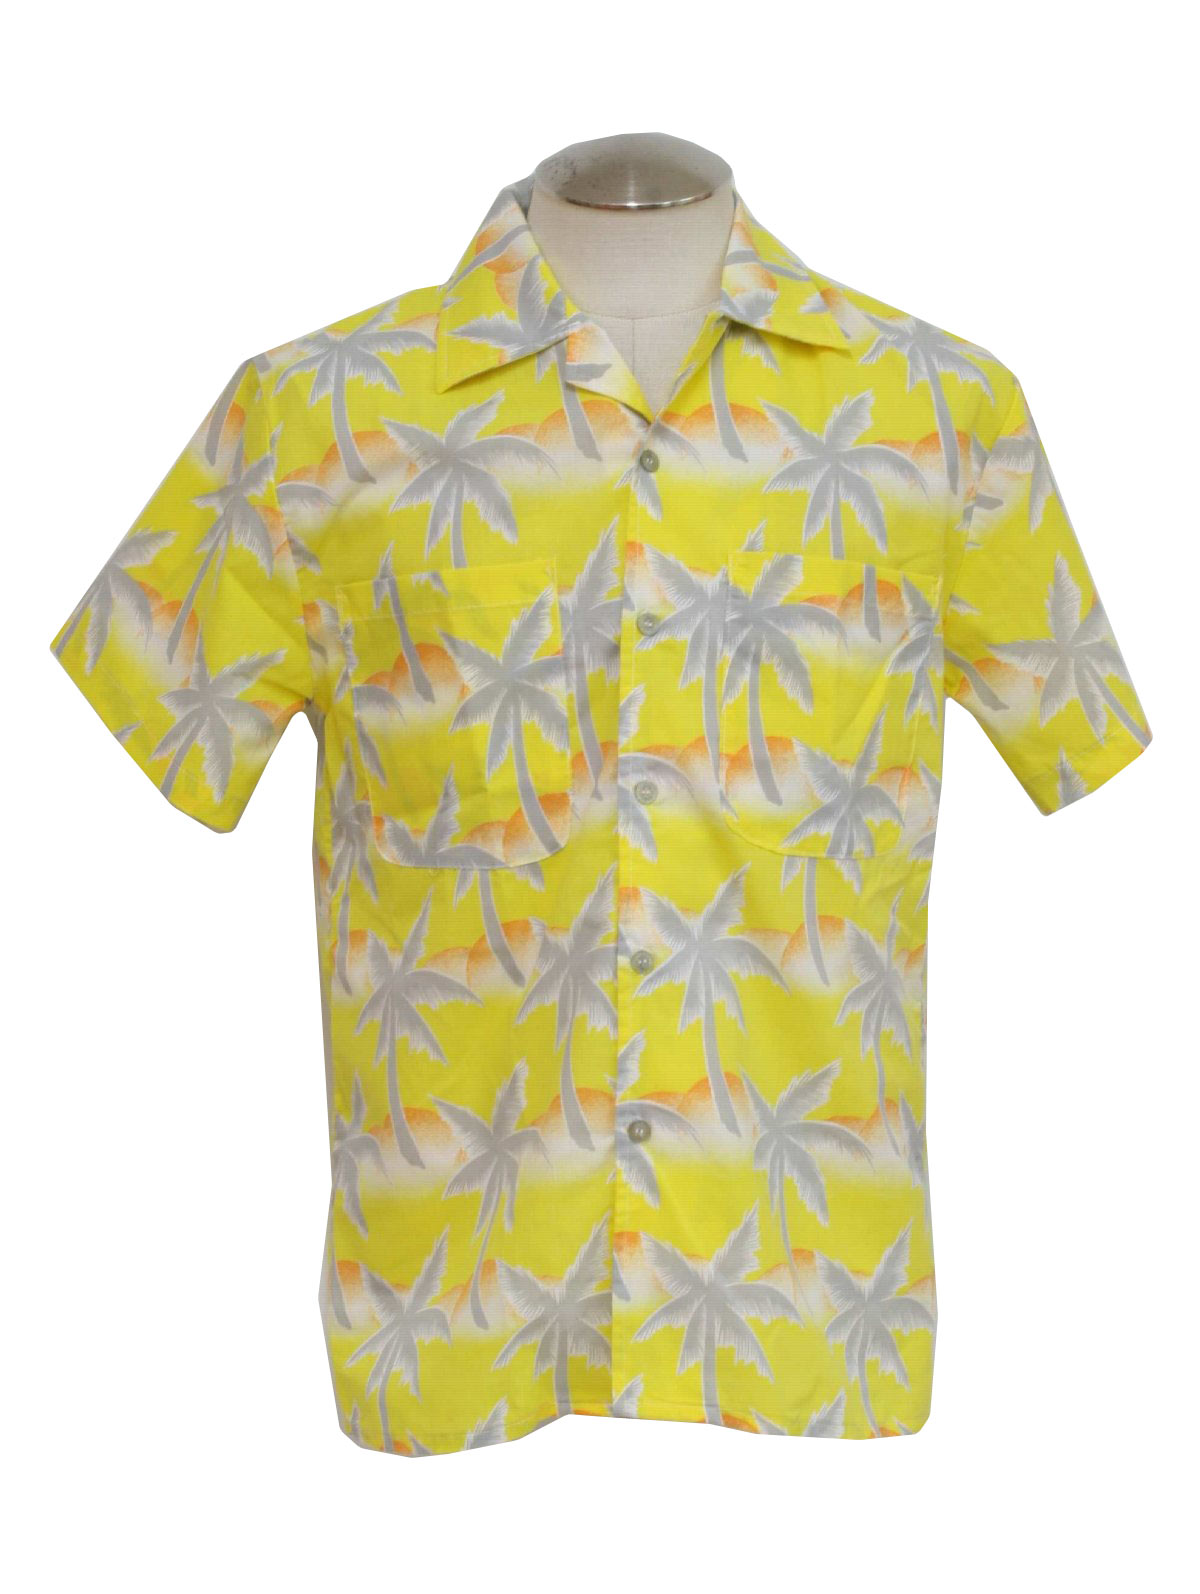 1d782521 80's Tropicana Hawaiian Shirt: 80s -Tropicana- Mens white, gray ...